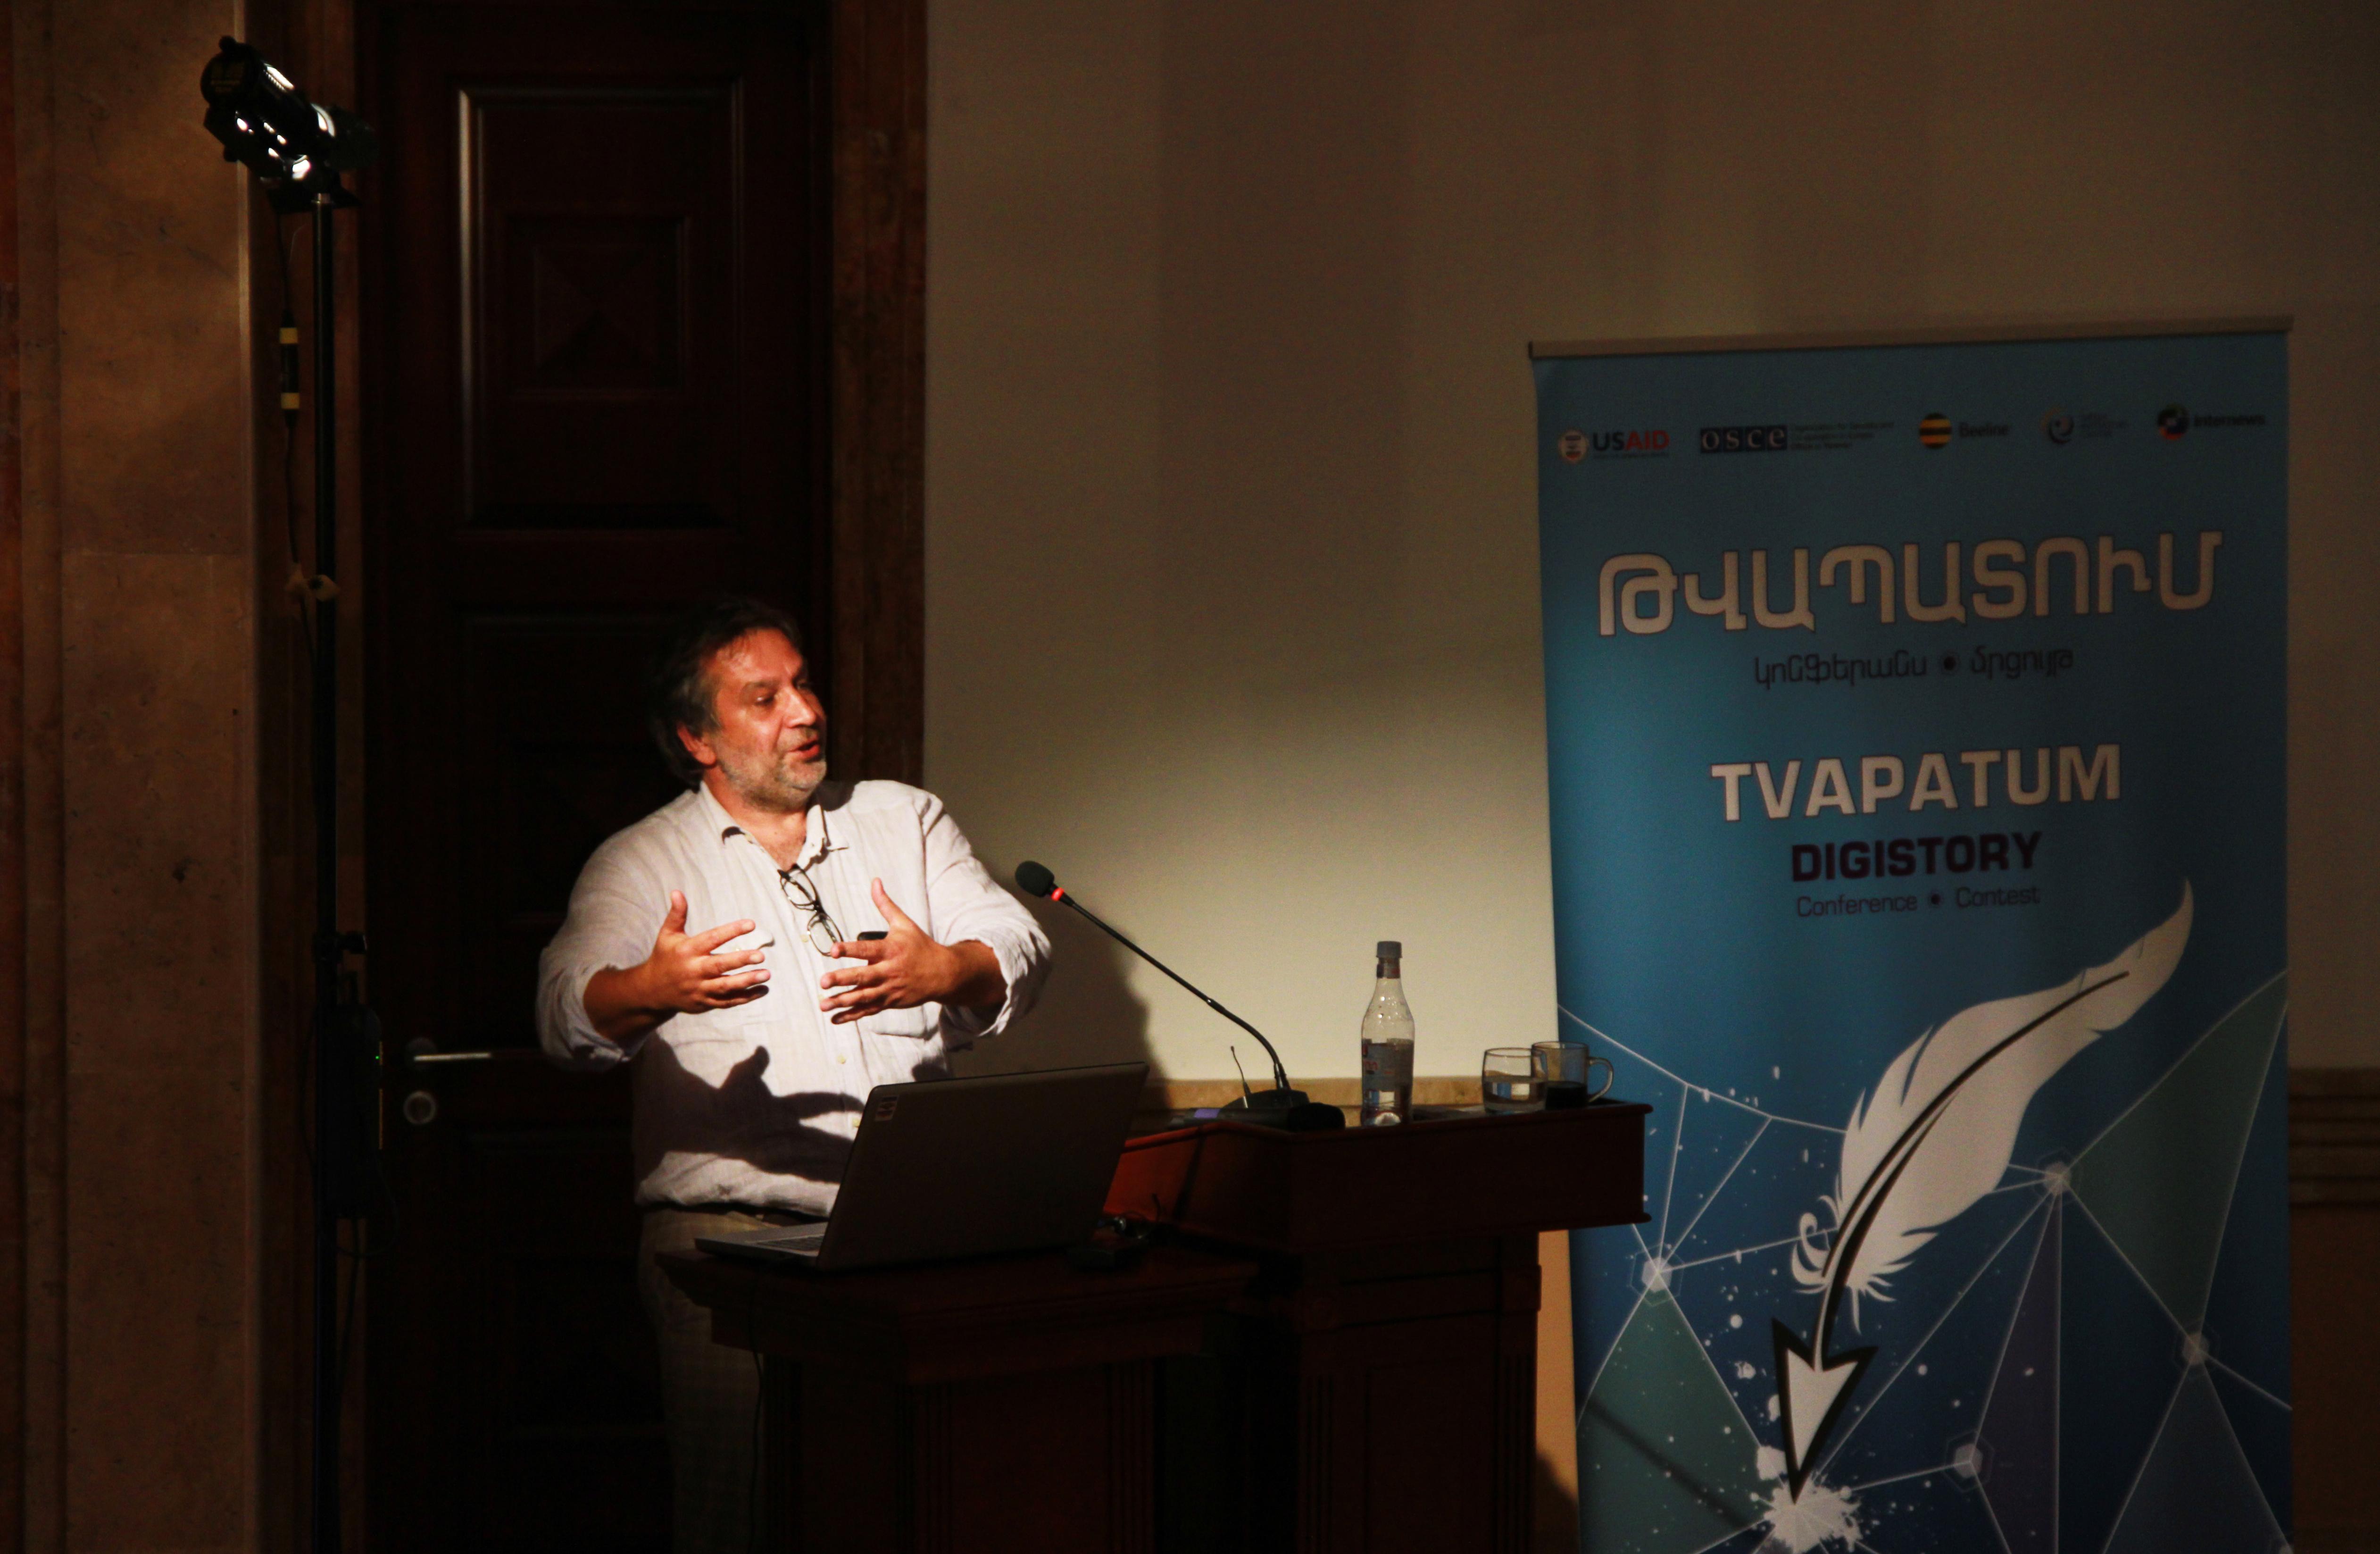 Վասիլի Գատովը՝ Թվապատում 2016 կոնֆերանսին